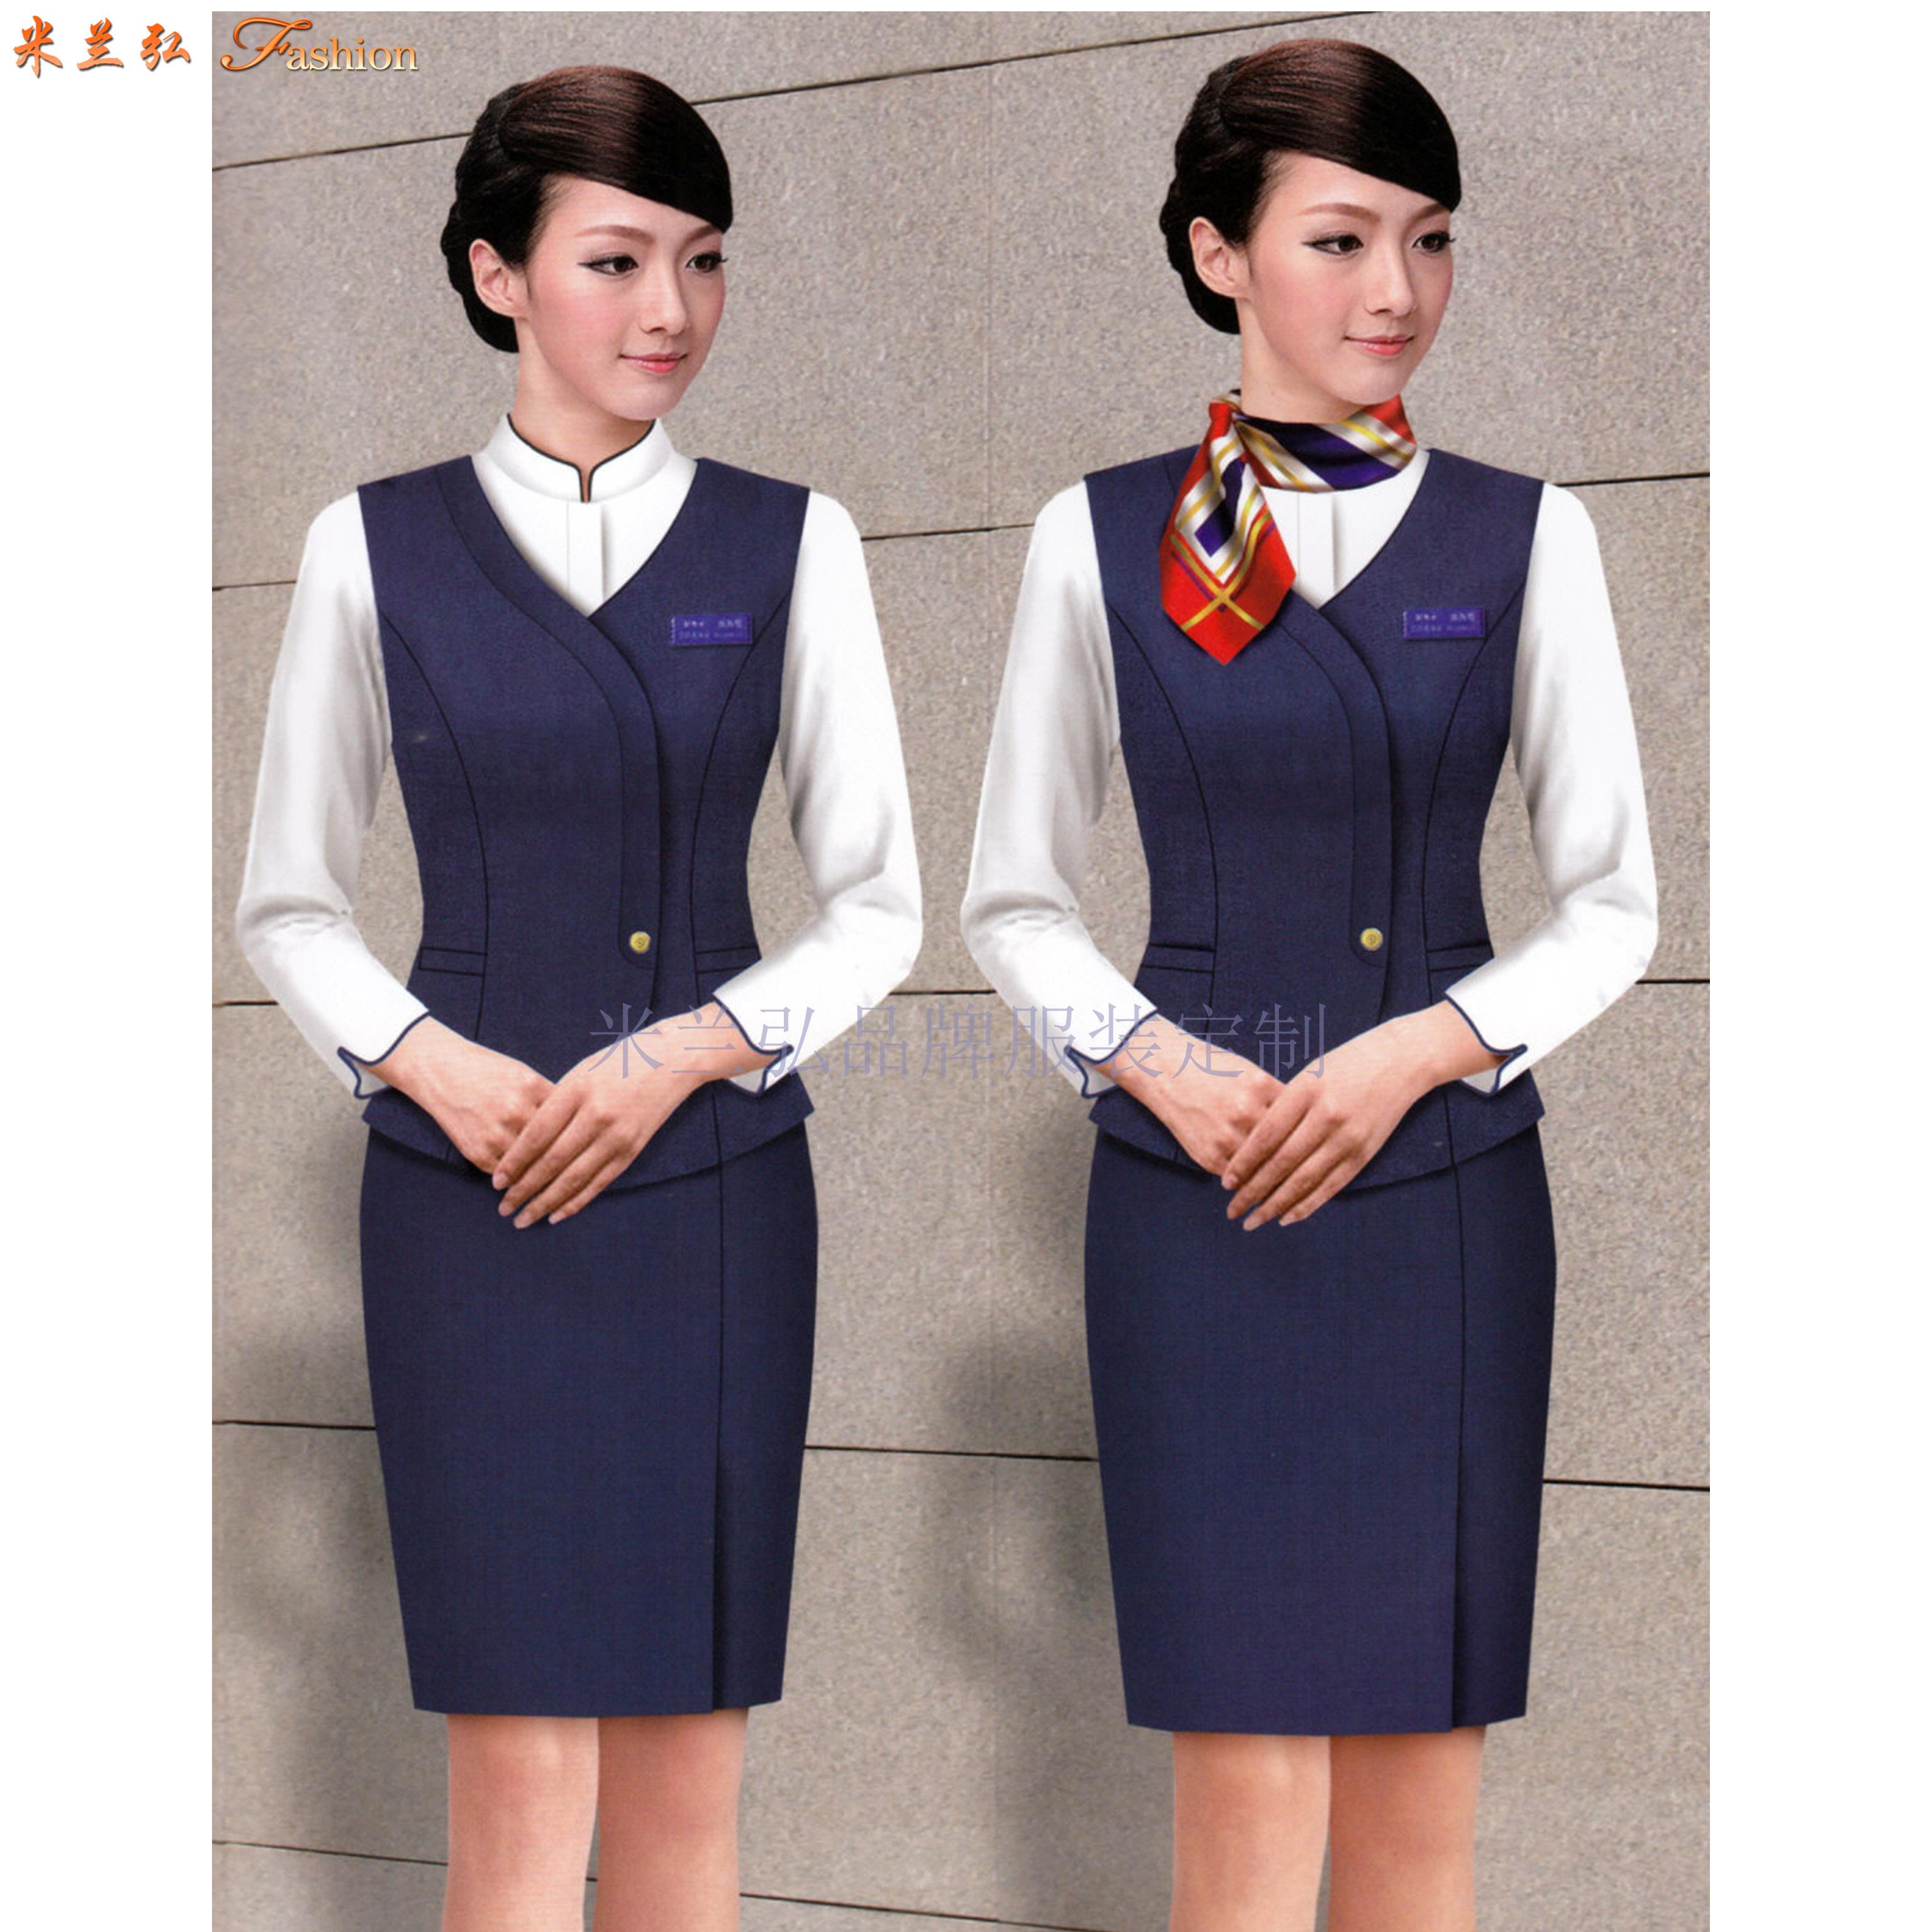 机场工作服-北京大兴国际机场地勤VIP、客服职业装量身定做-2